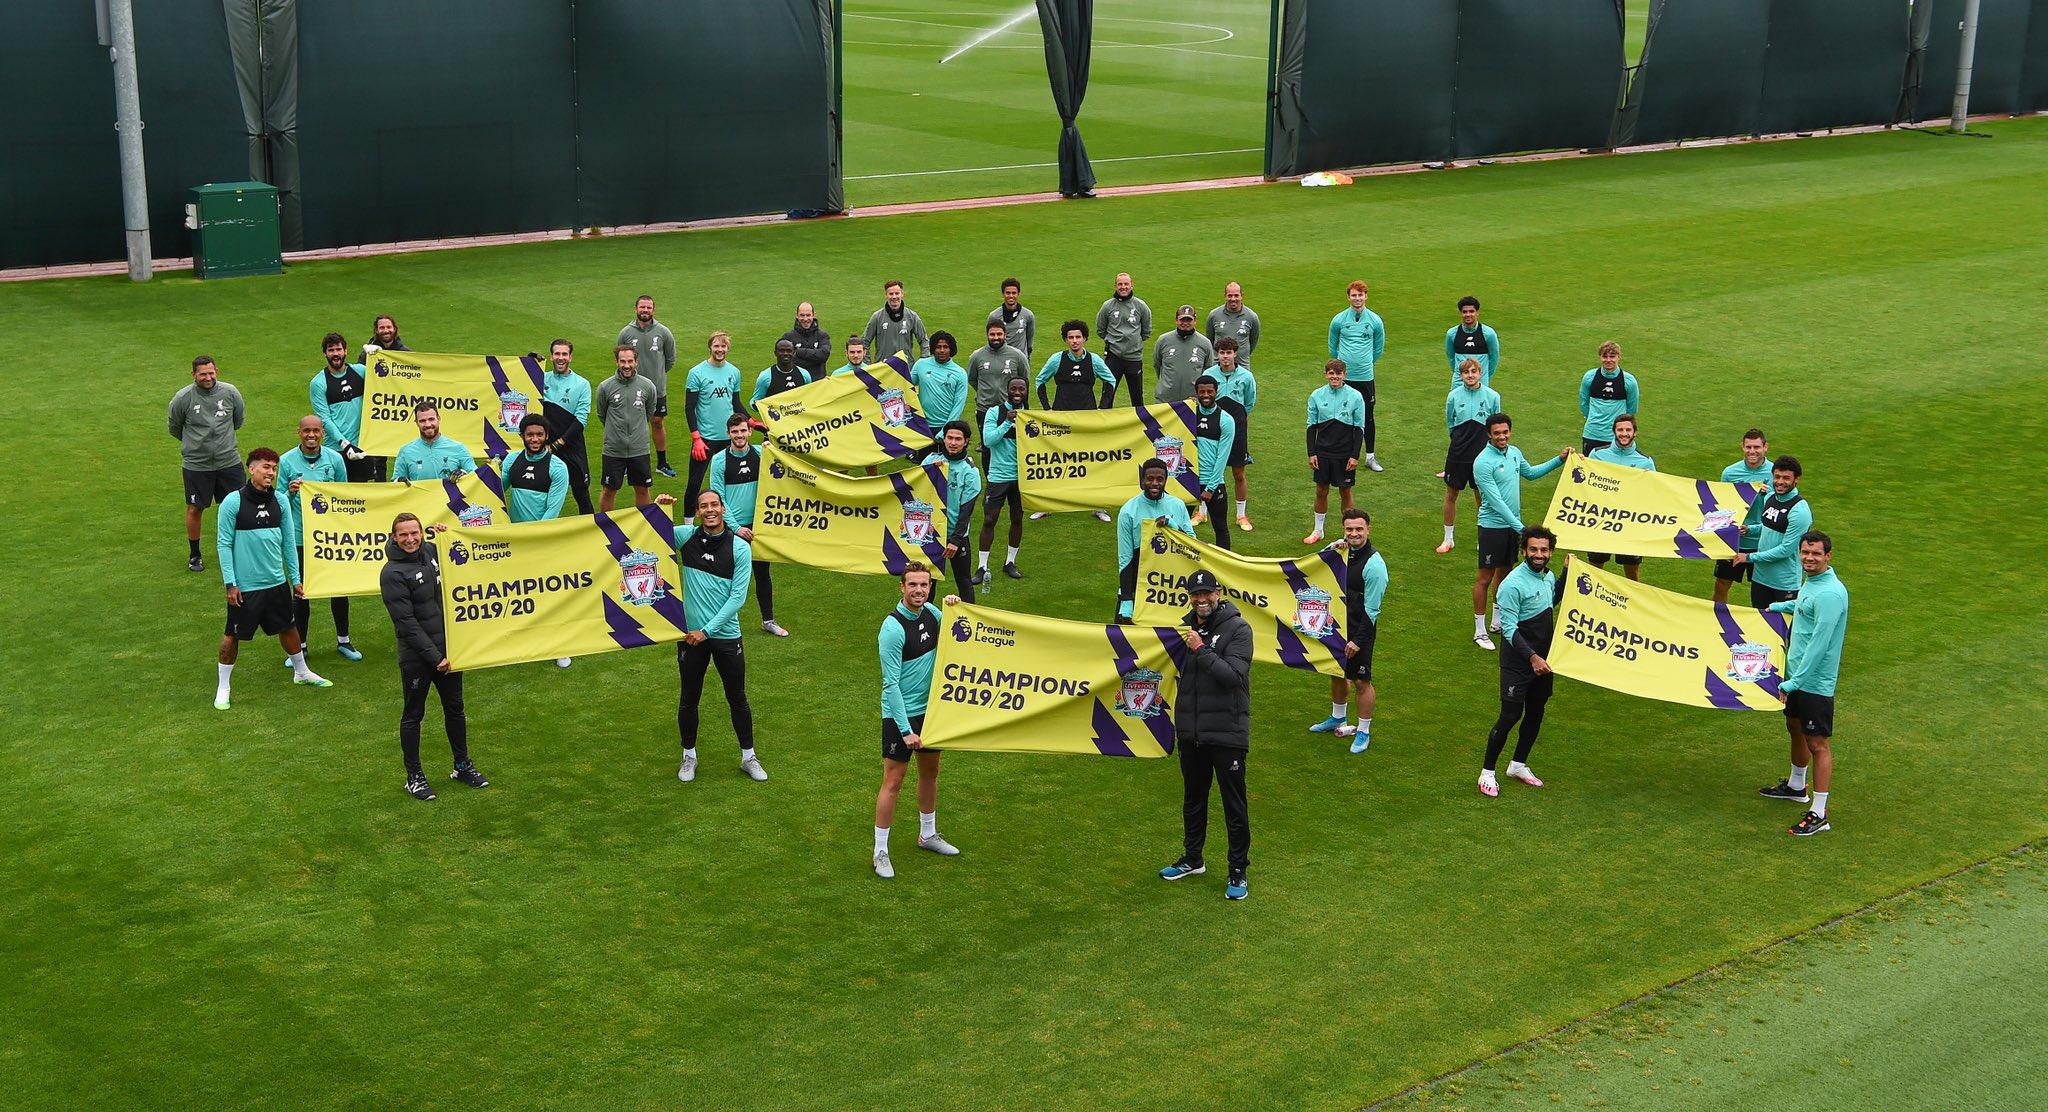 نجوم ليفربول يحتفلون بلقب الدوري الانجليزي فى التدريبات